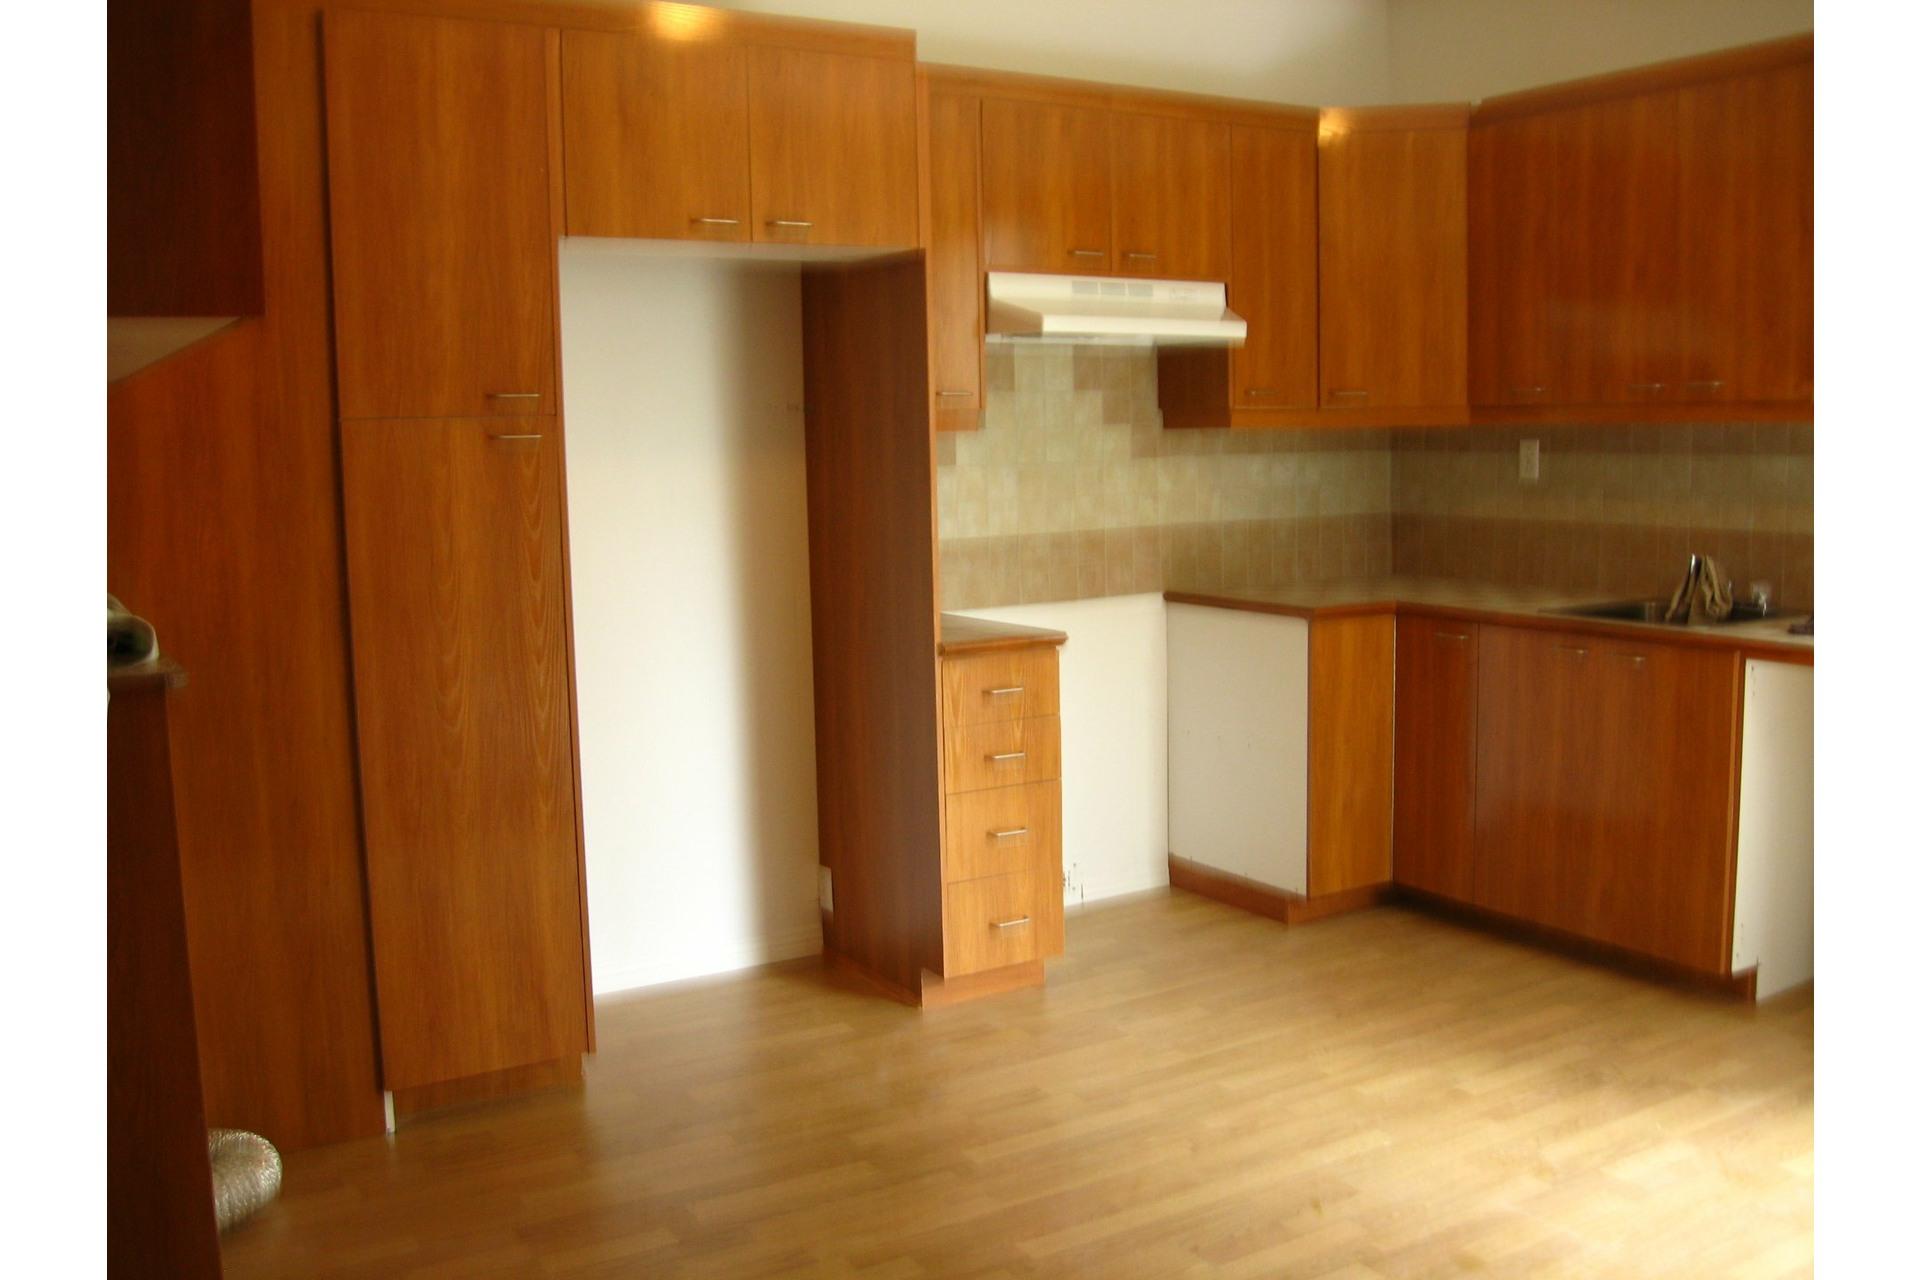 image 5 - Triplex For sale Le Sud-Ouest Montréal  - 5 rooms